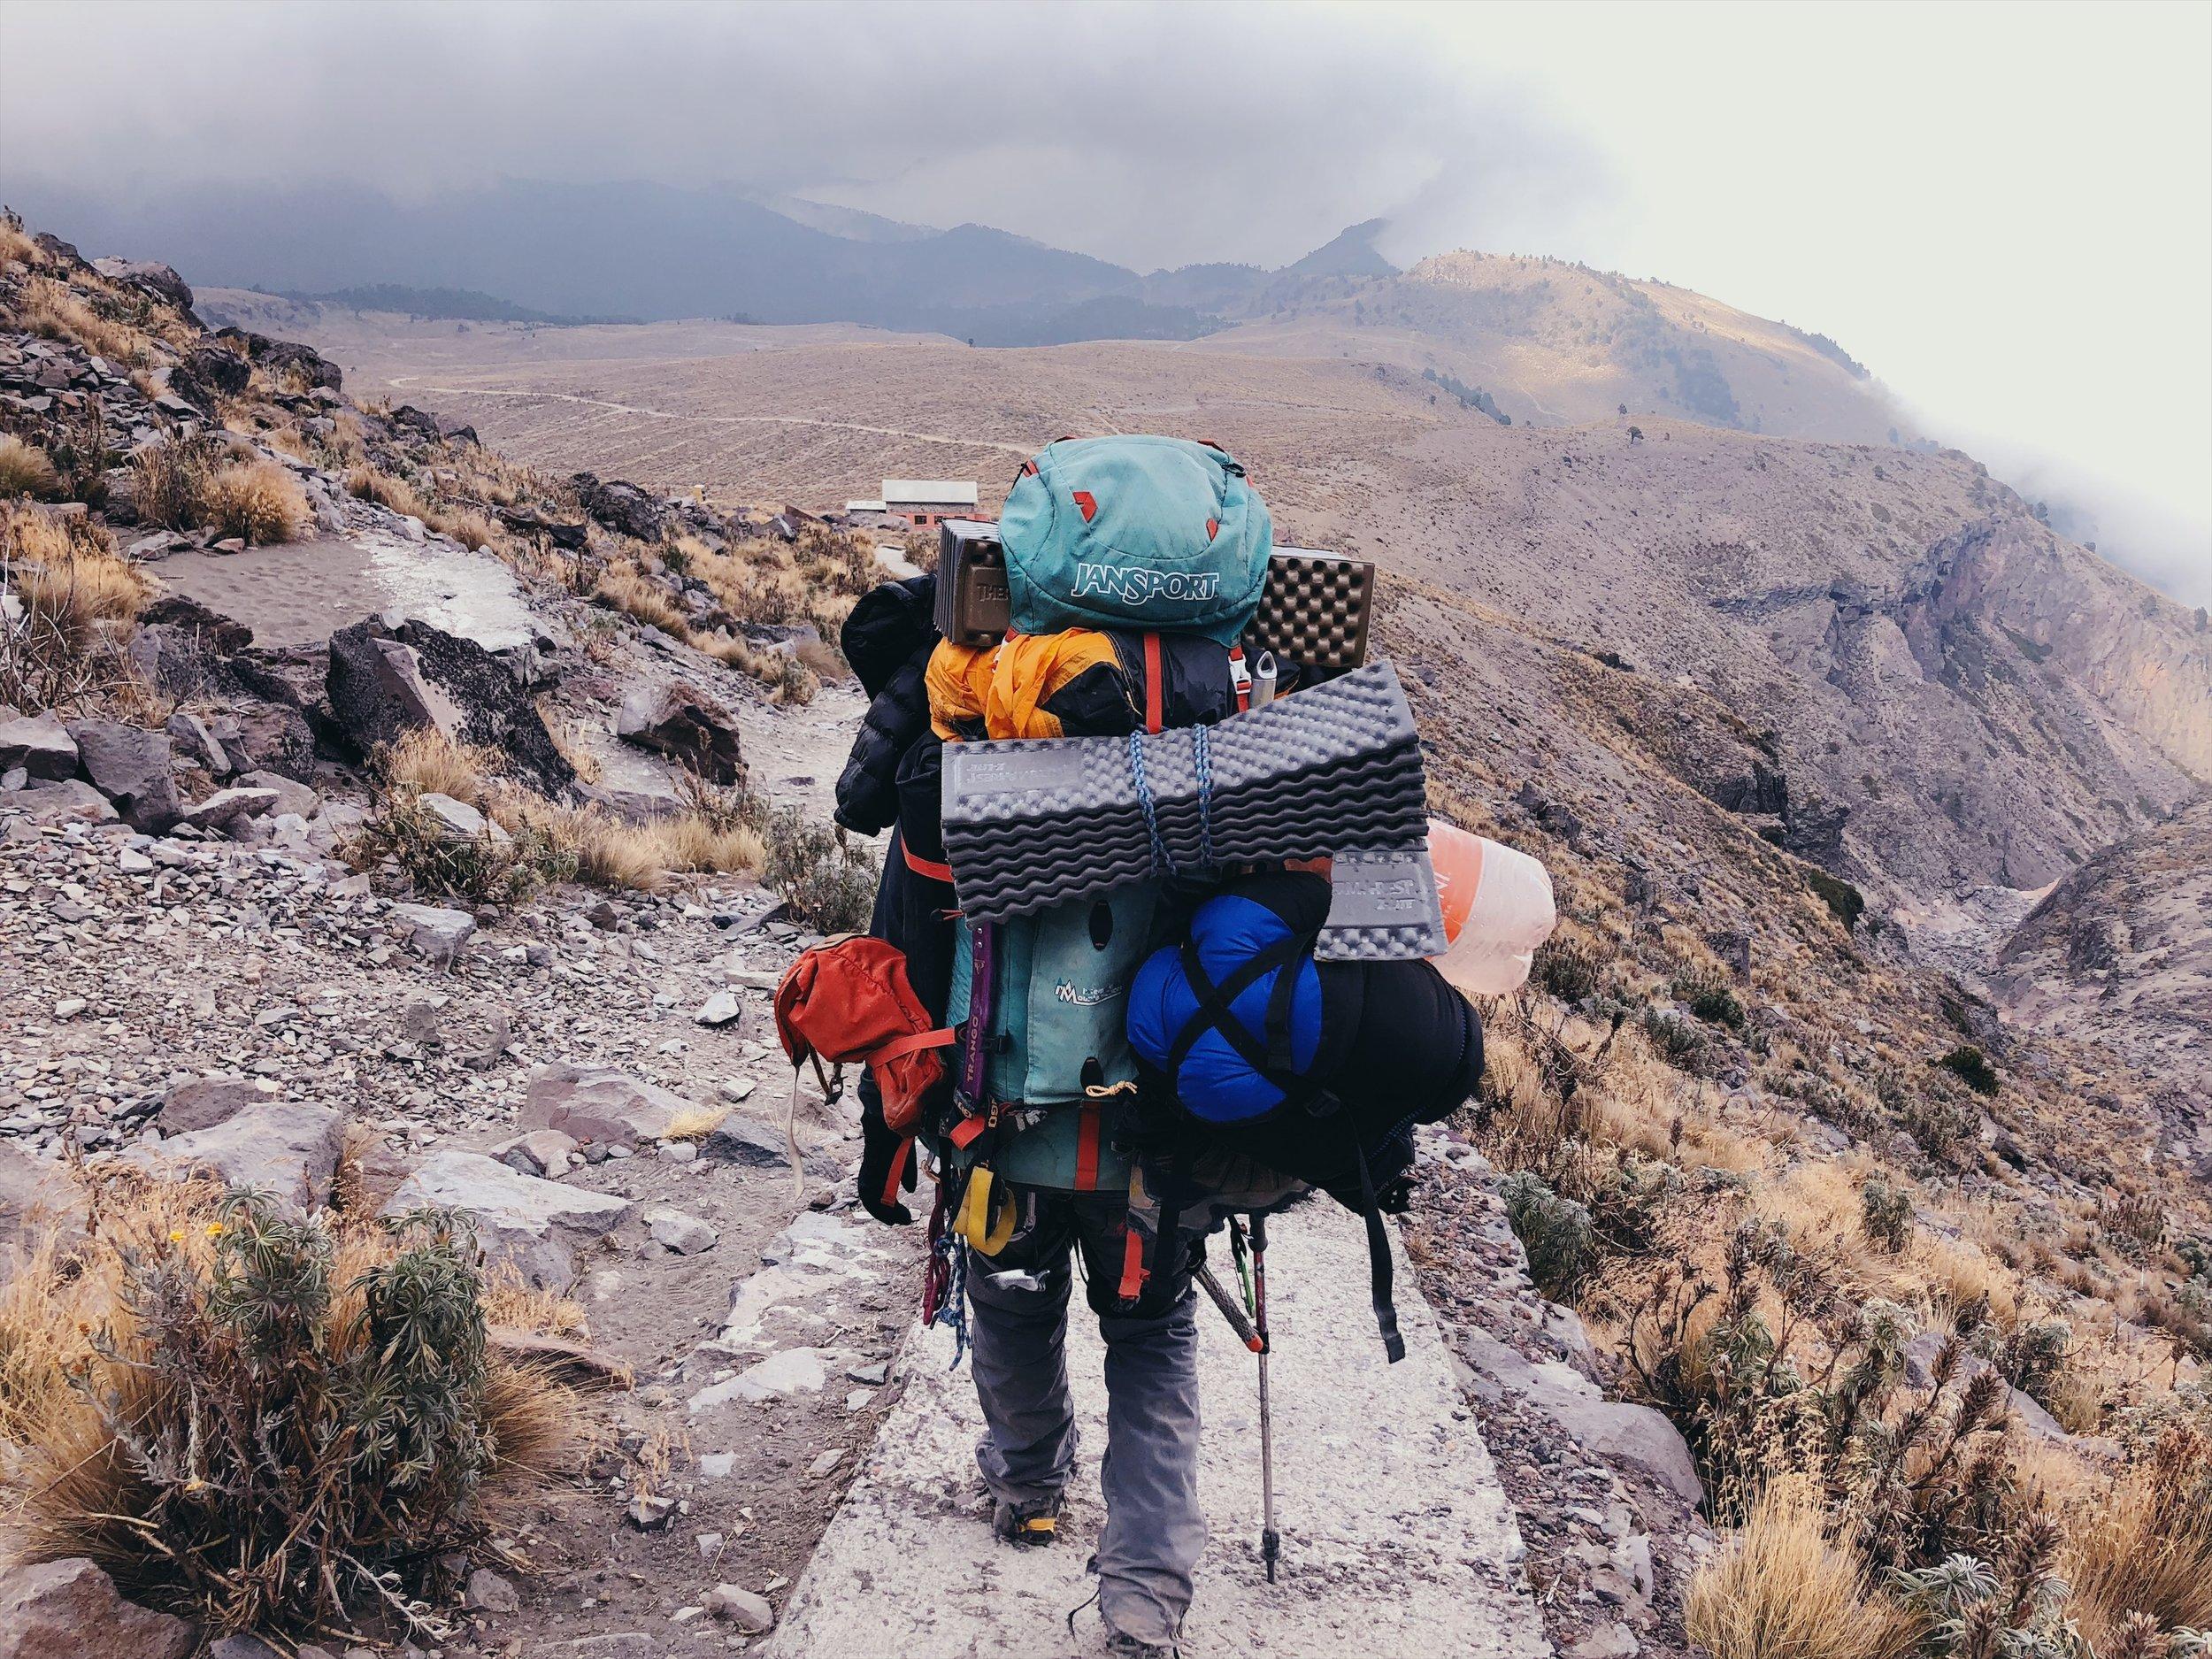 orizaba descent summit ctss